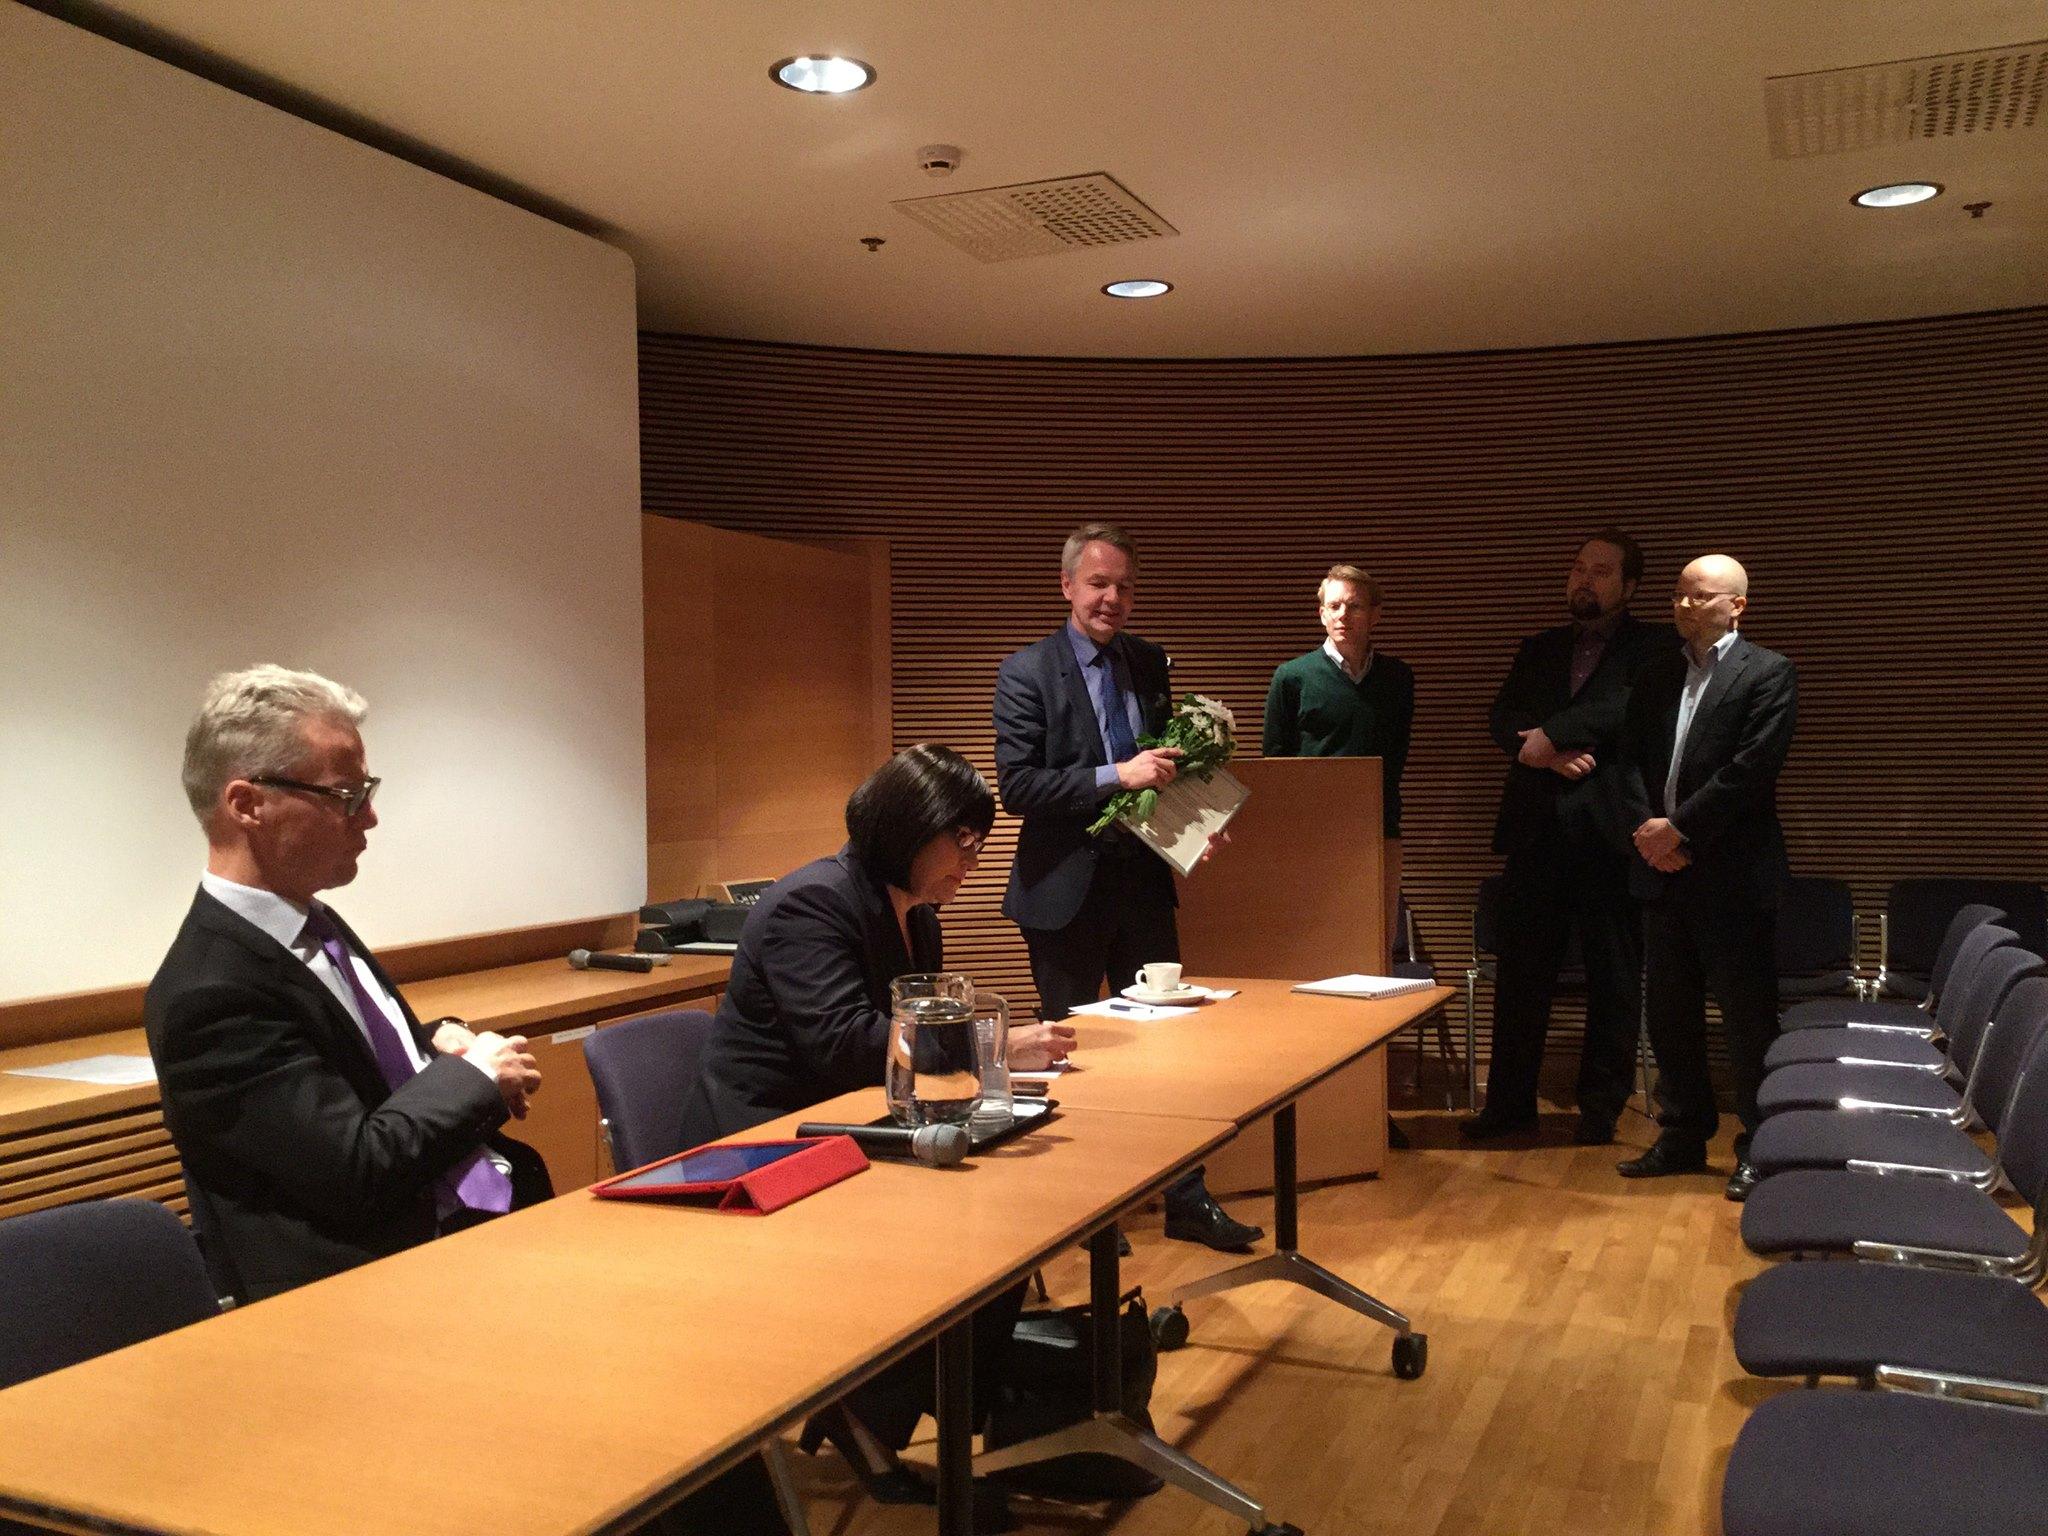 Rauhanpalkinto Pekka Haavistolle